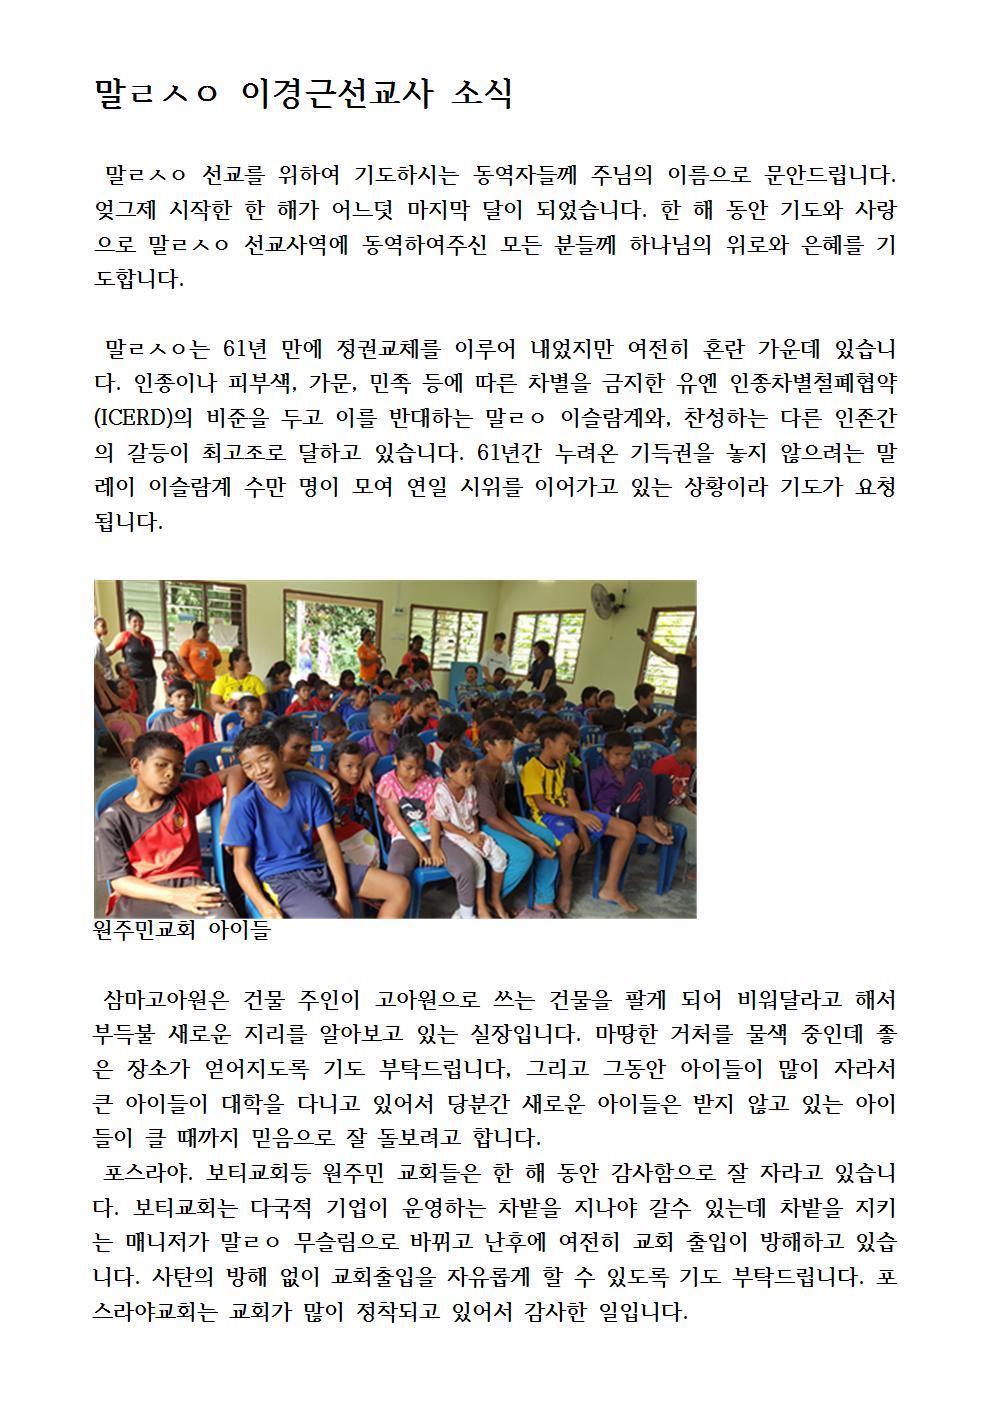 말레시아 이경근선교사 소식18-12 (2)001.jpg